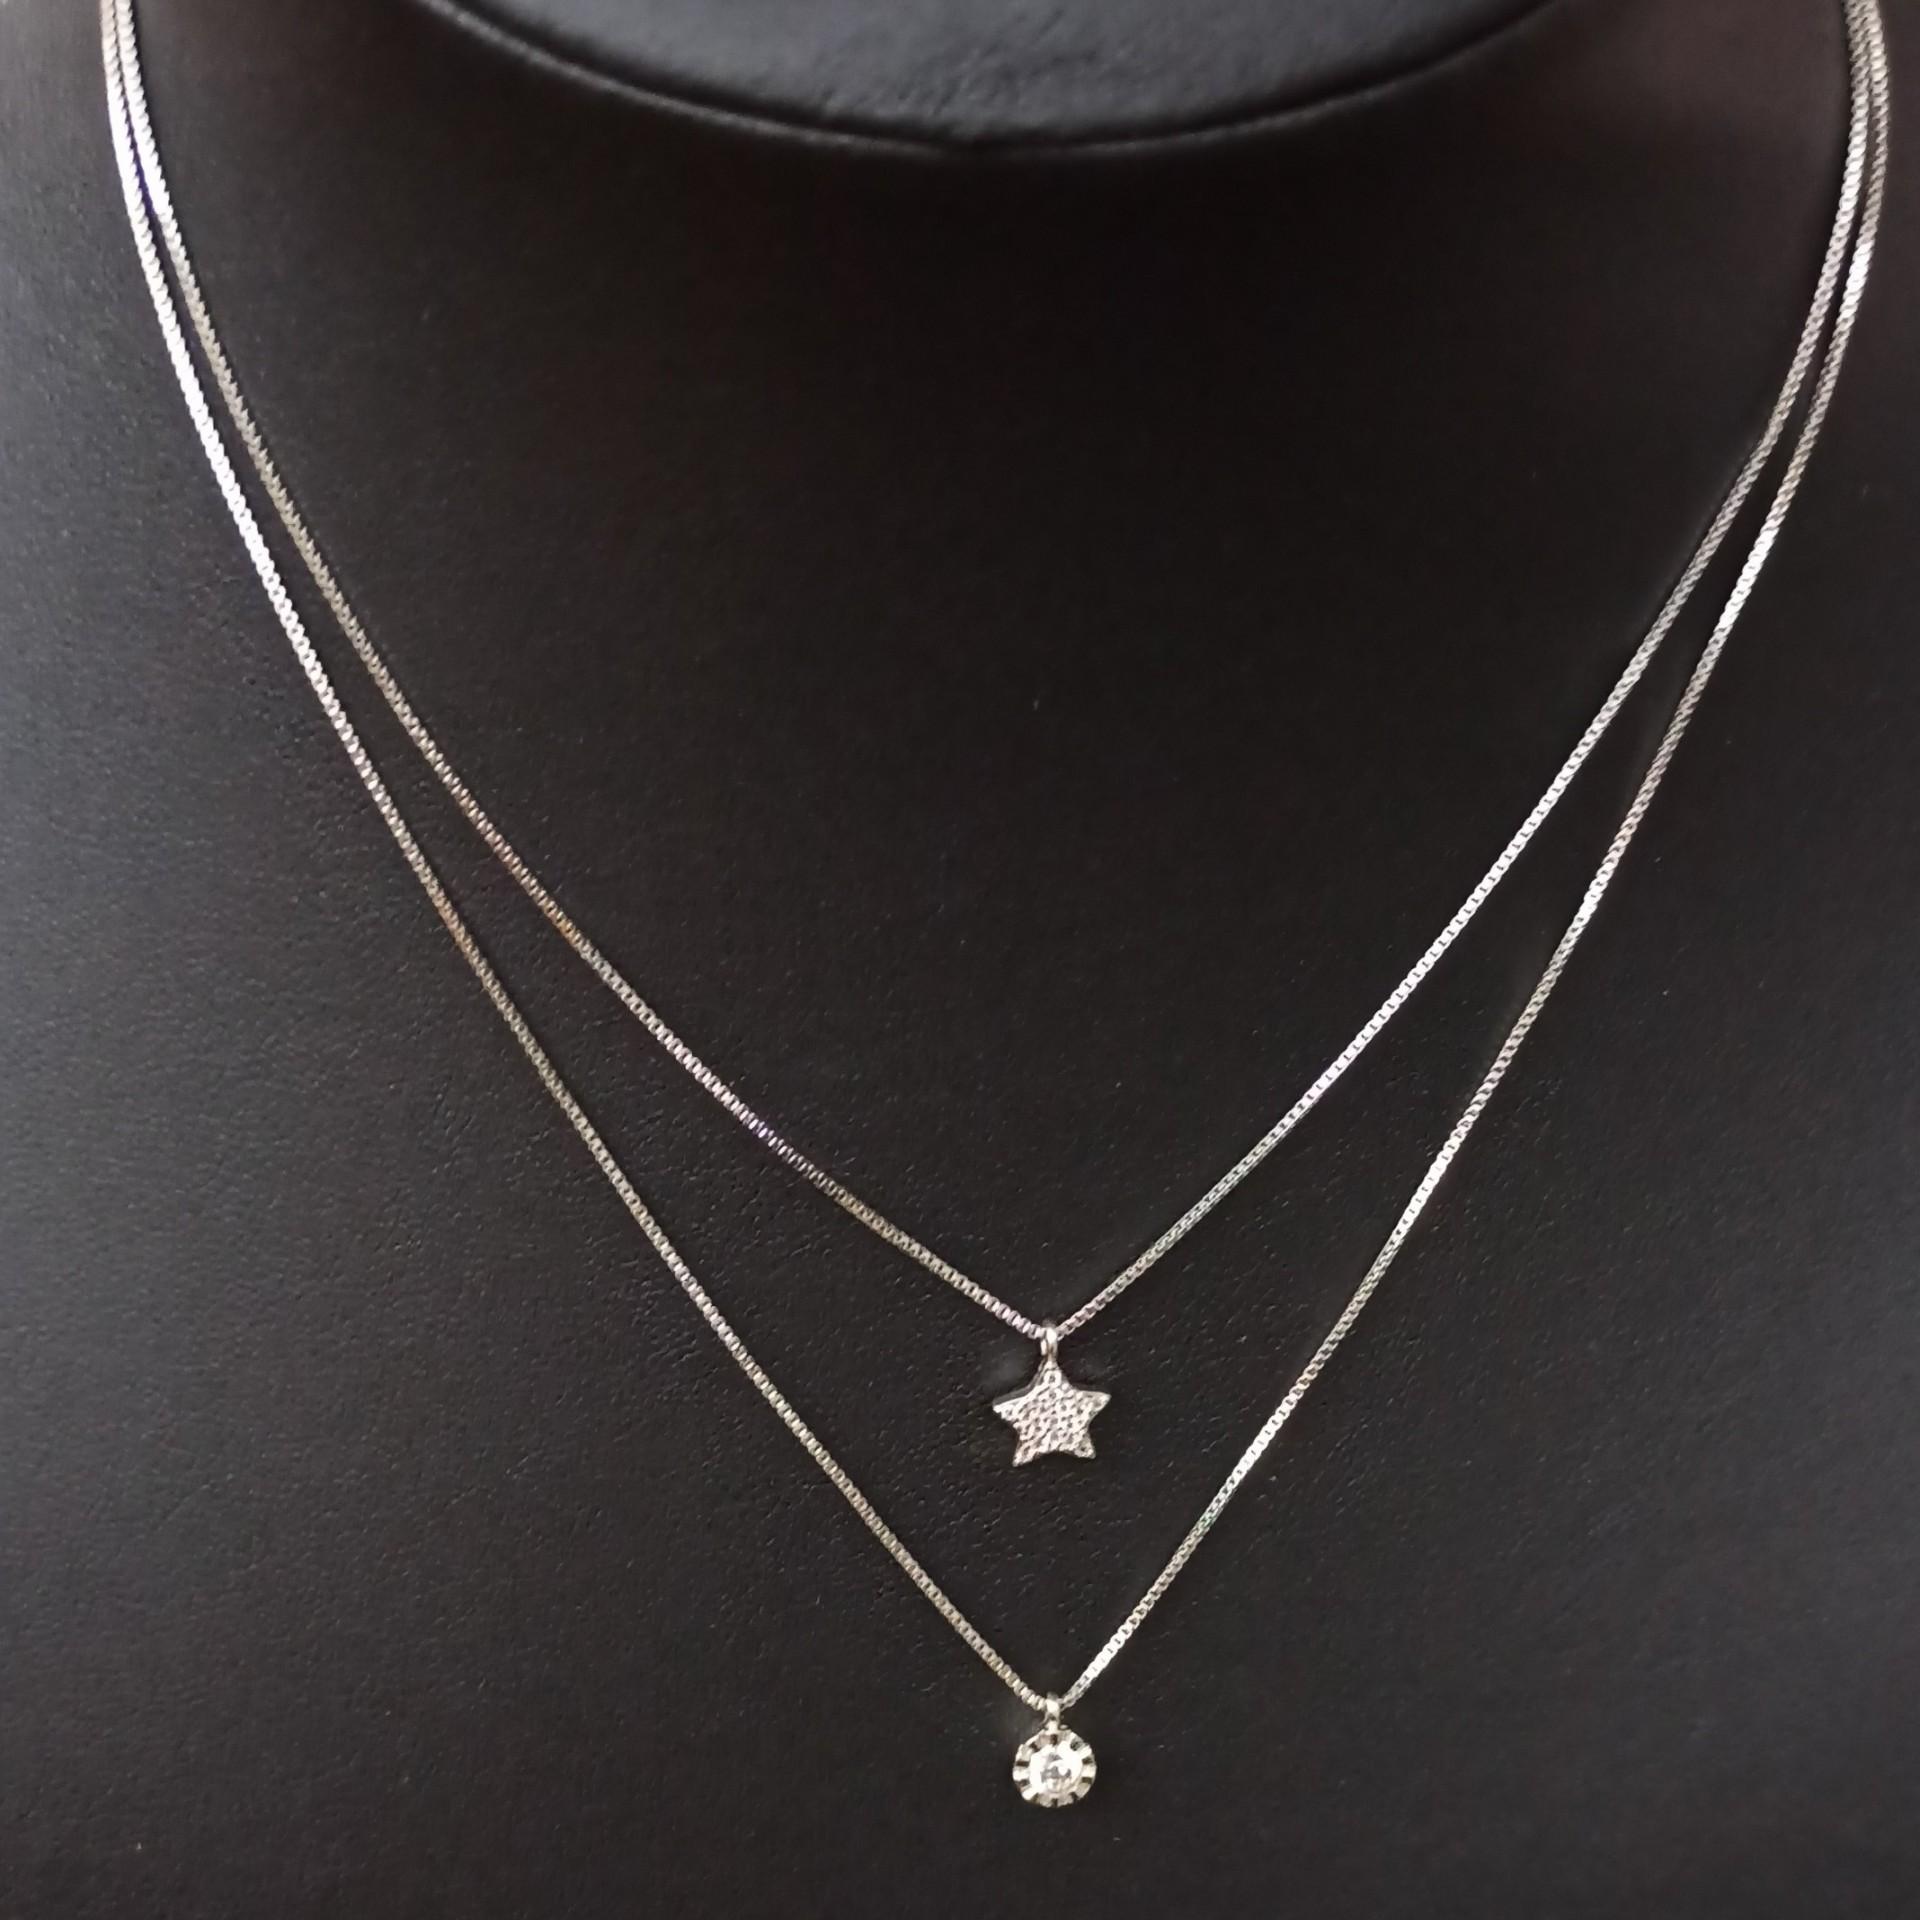 Fio duplo de prata 925 com dois pendentes, estrela + pedra zircão